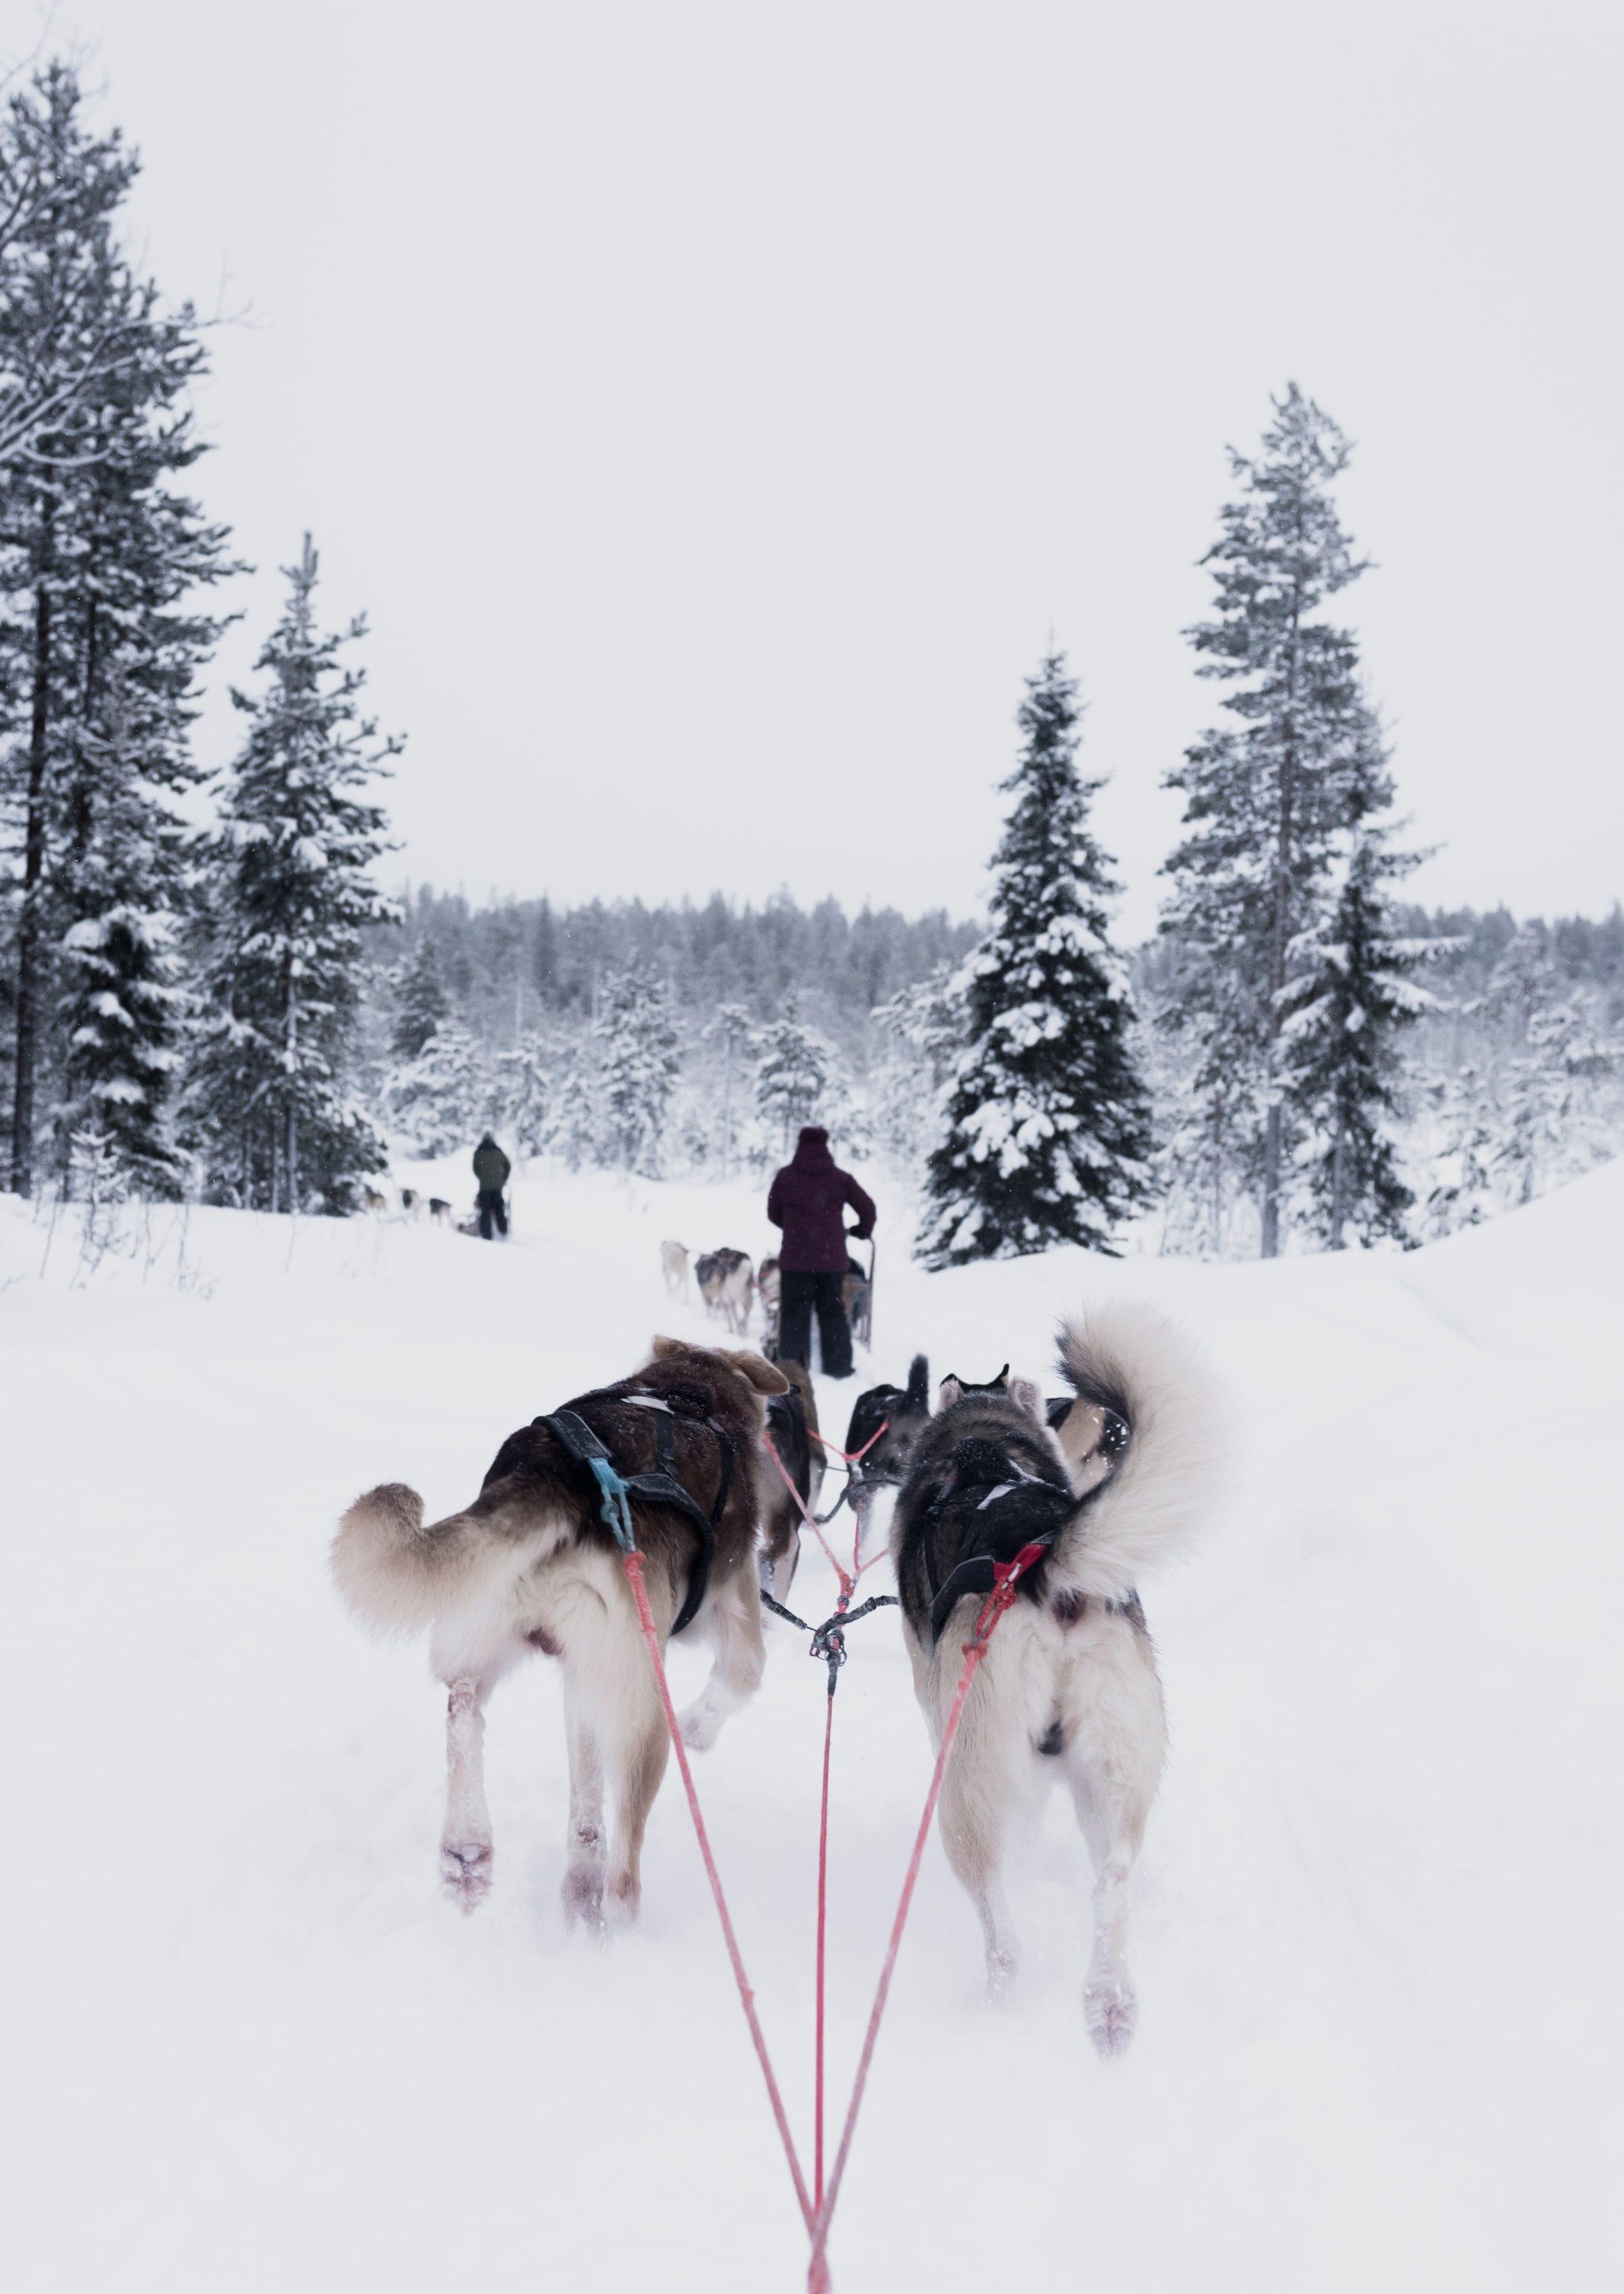 sleddog - cani husky che trainano slitta